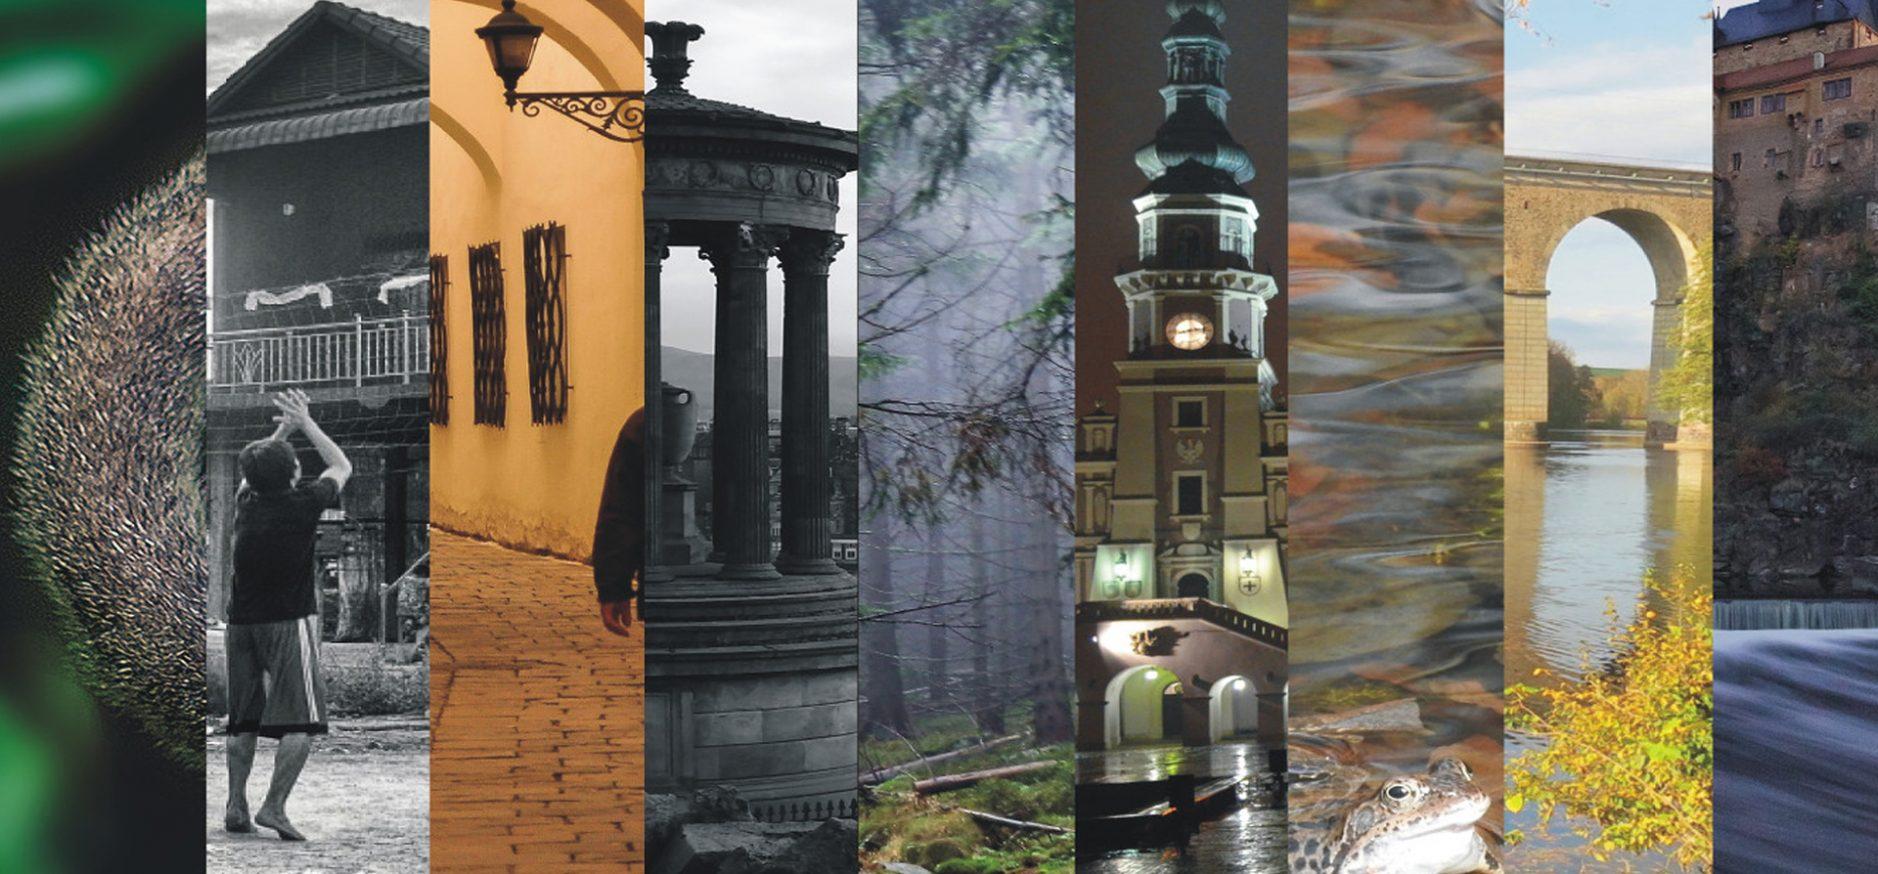 Global Adventures Kalender 2017 erhältlich!